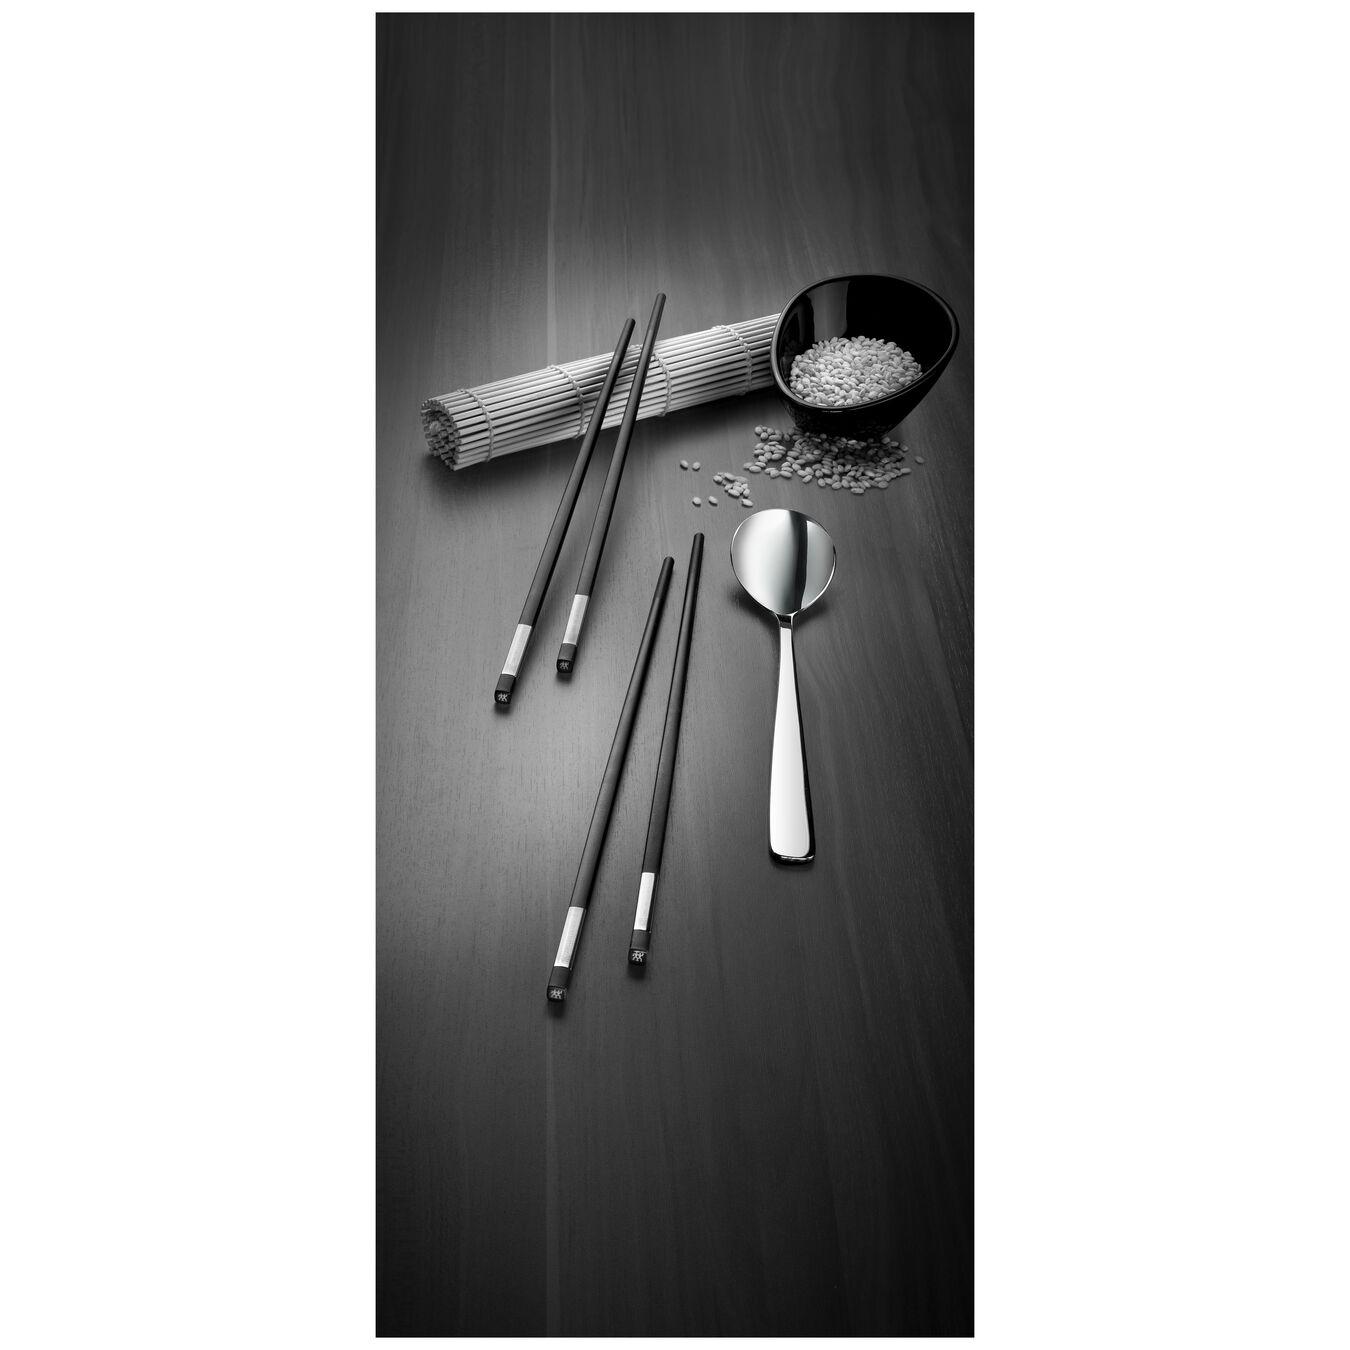 Chopstick Set 10-tlg, mattiert/poliert,,large 3